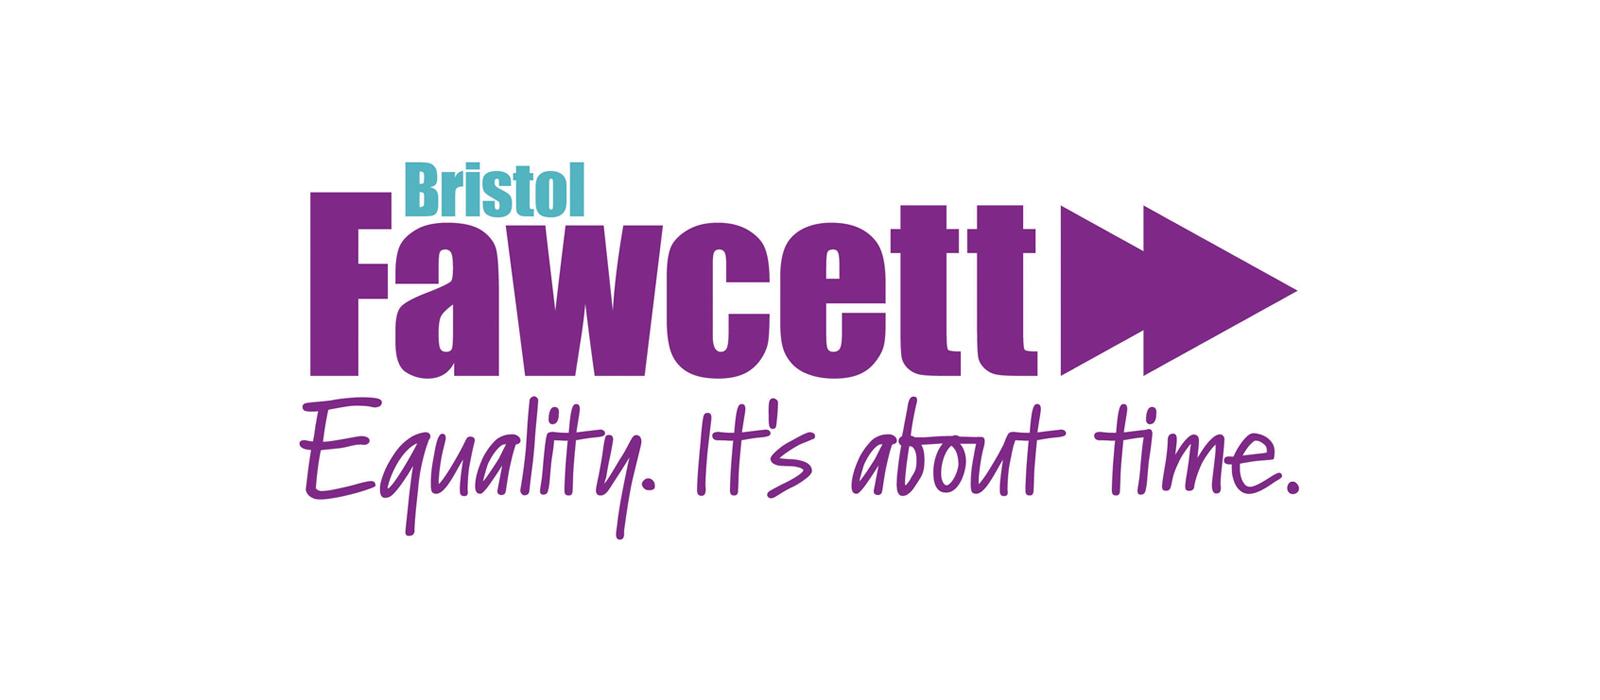 Bristol Fawcett